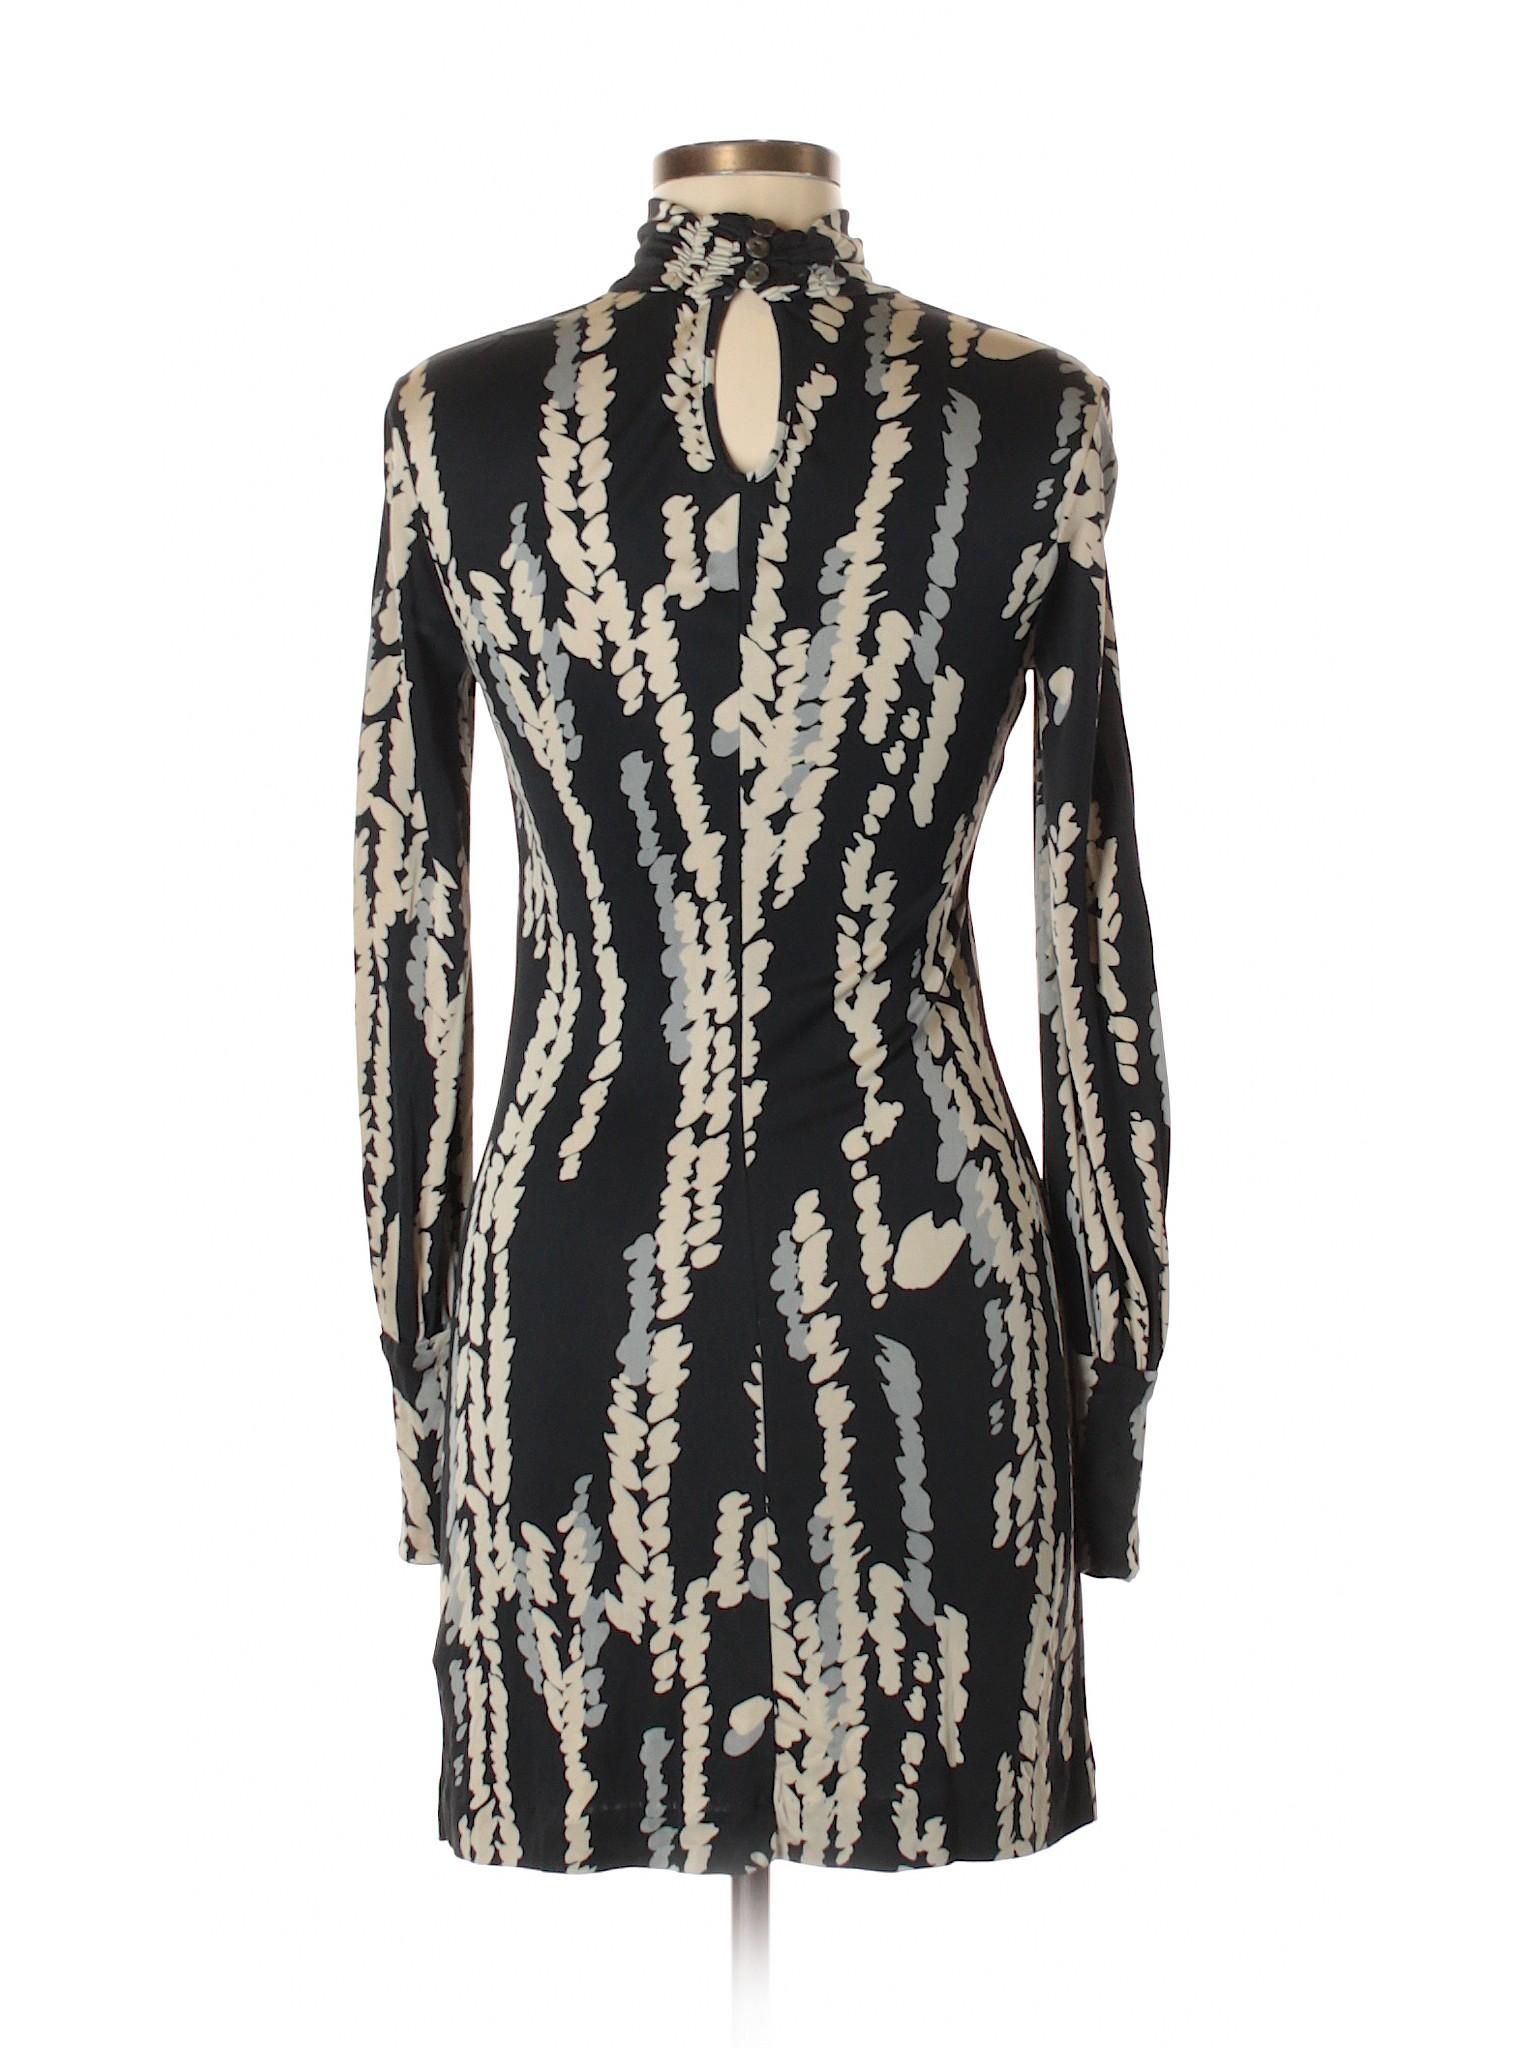 Turk Trina Casual Dress winter Boutique Eq51H1